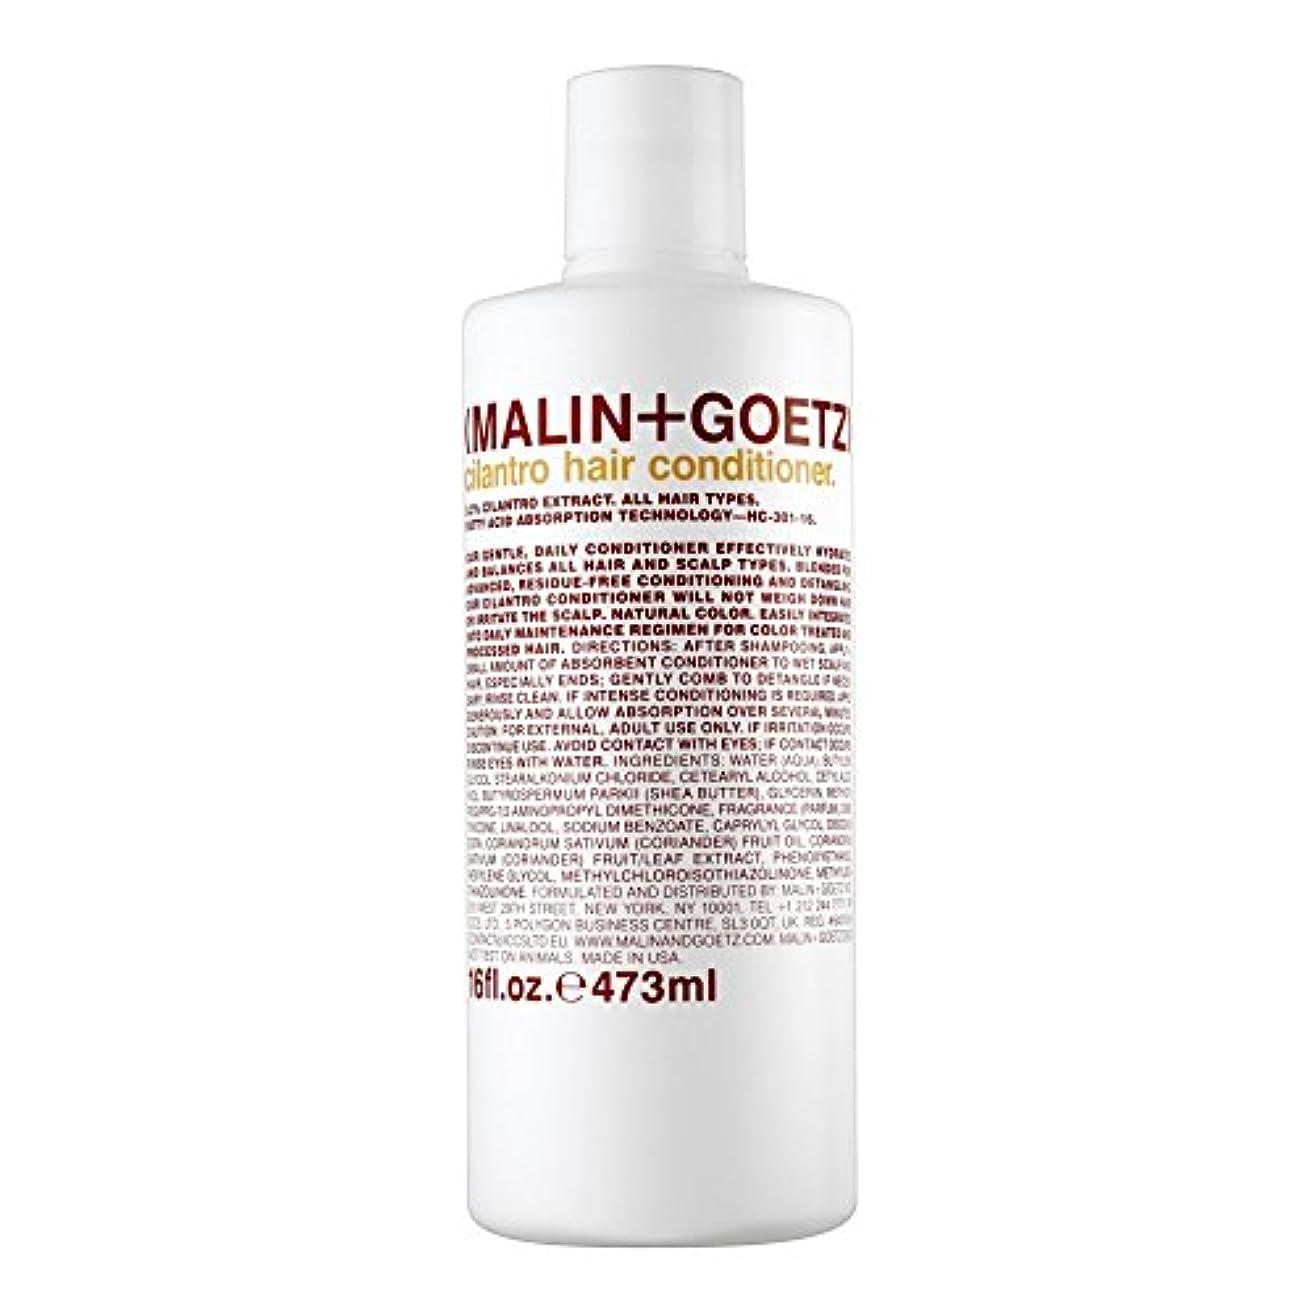 絞る単調なスクラップマリン+ゲッツコリアンダーのヘアコンディショナー473ミリリットル x2 - MALIN+GOETZ Cilantro Hair Conditioner 473ml (Pack of 2) [並行輸入品]